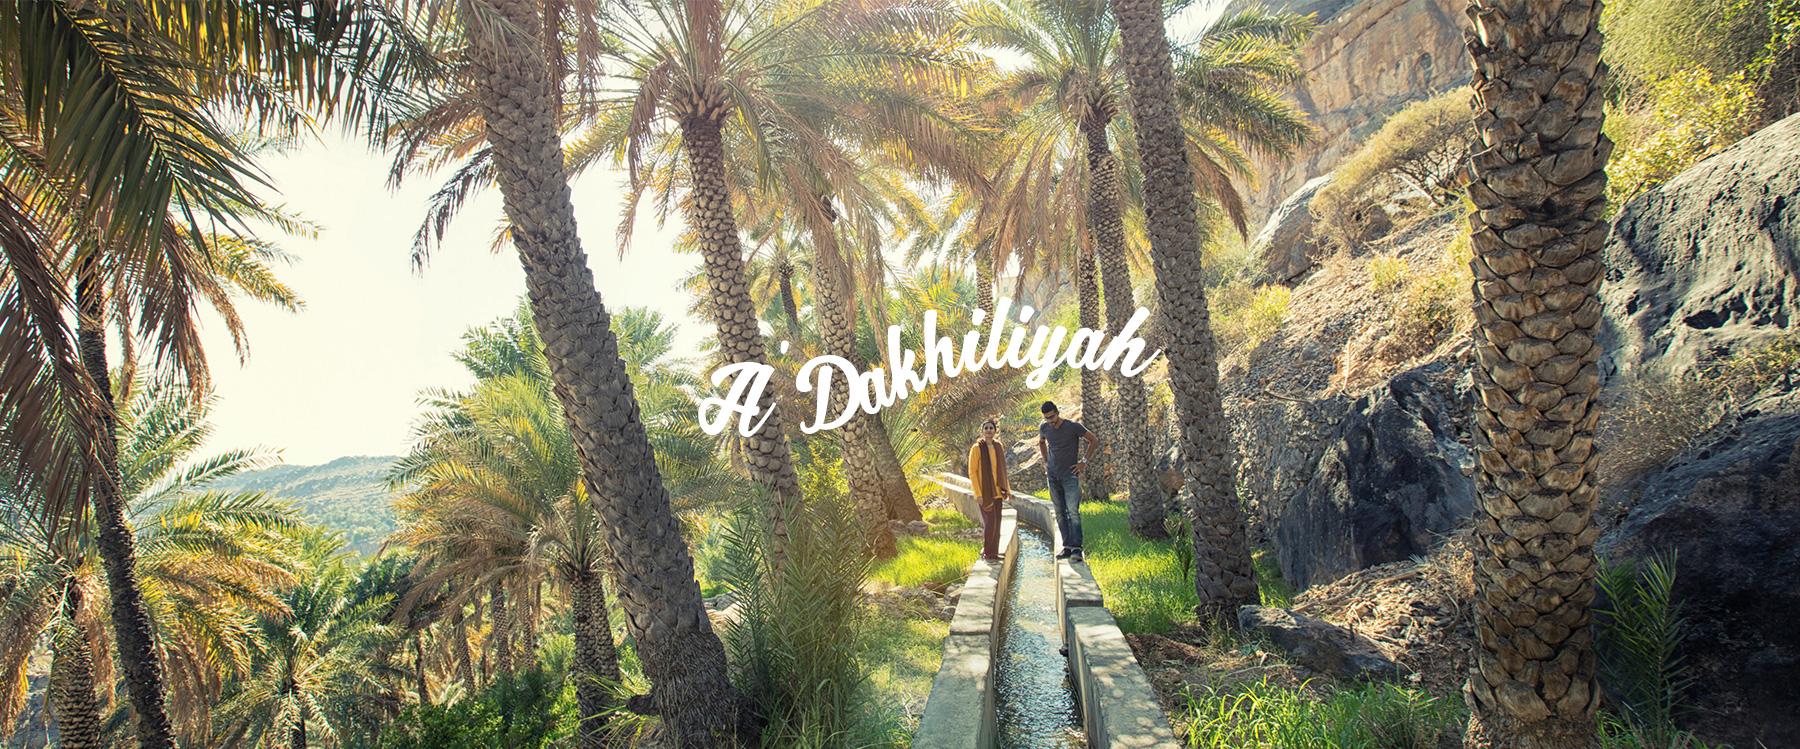 Al Dakhiliyah